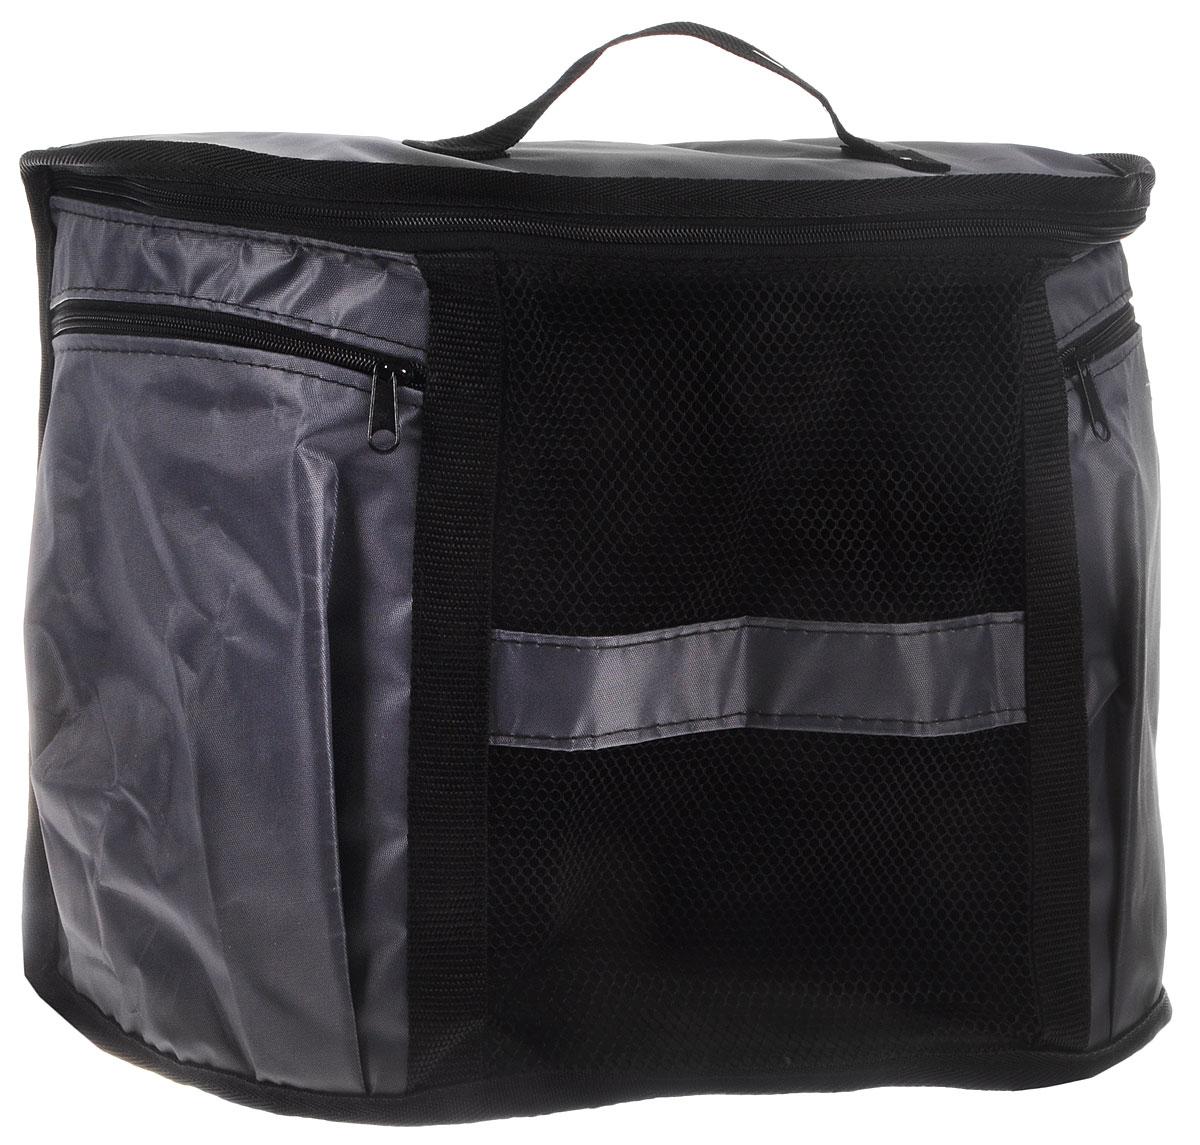 Рюкзак-переноска для животных  Заря-плюс , 37 х 19 х 29 см